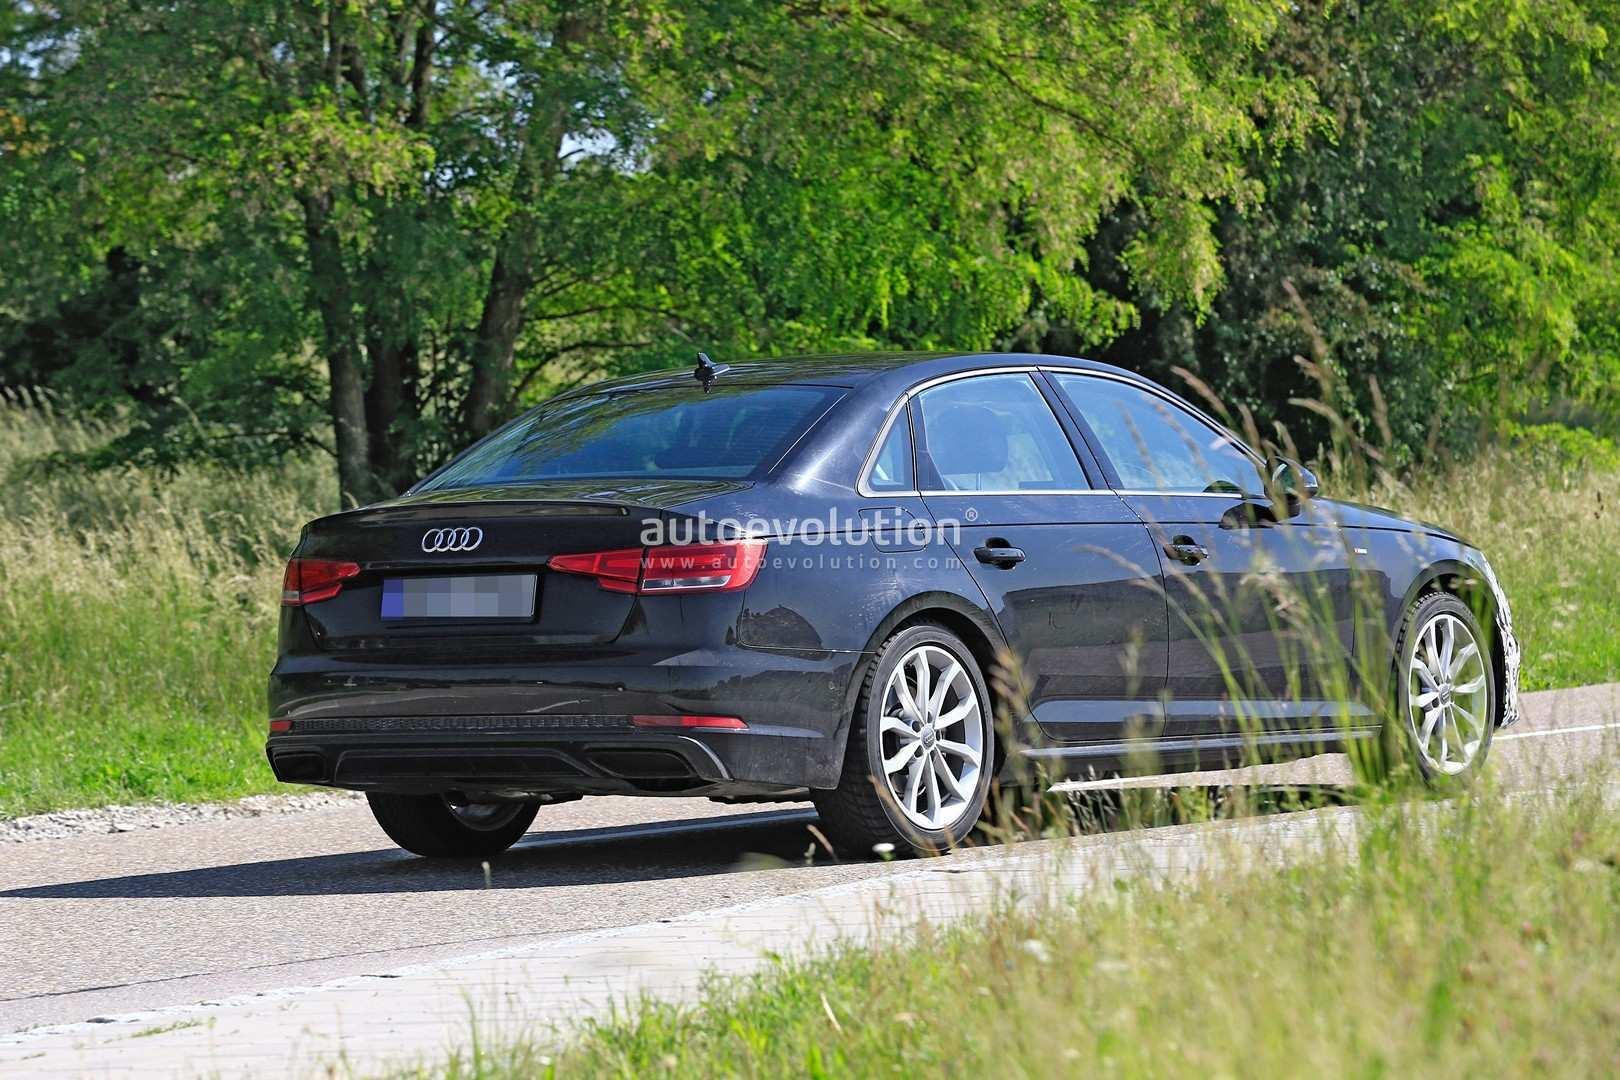 56 New Audi Modellen 2020 Spesification For Audi Modellen